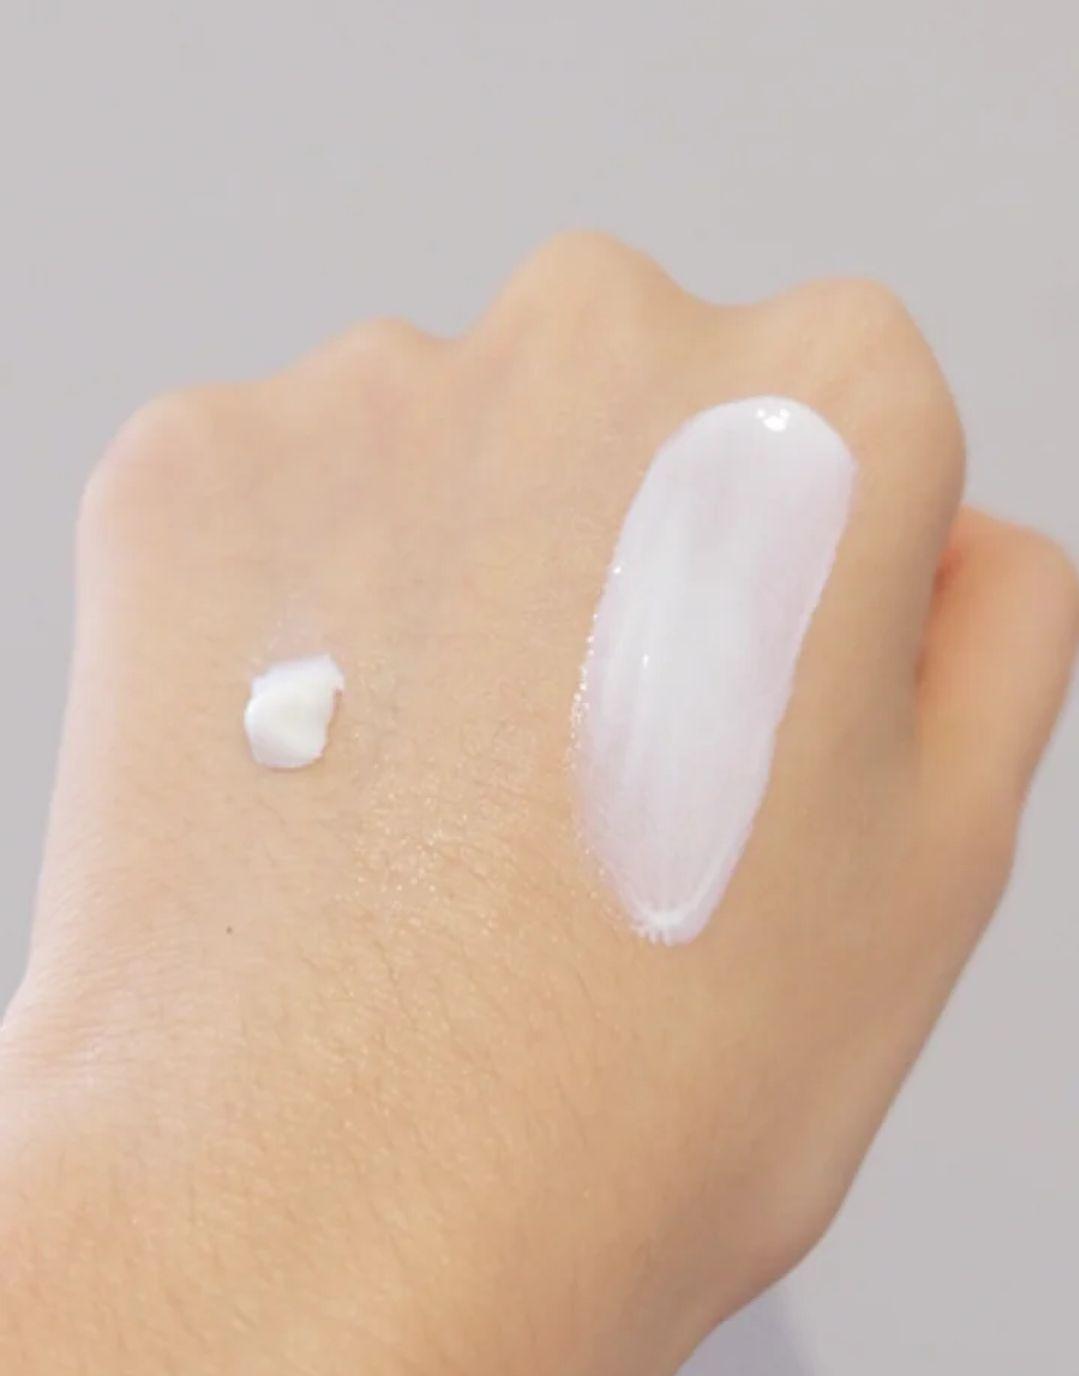 四款好用的防晒霜,美白又补水,让你的肌肤清爽水嫩